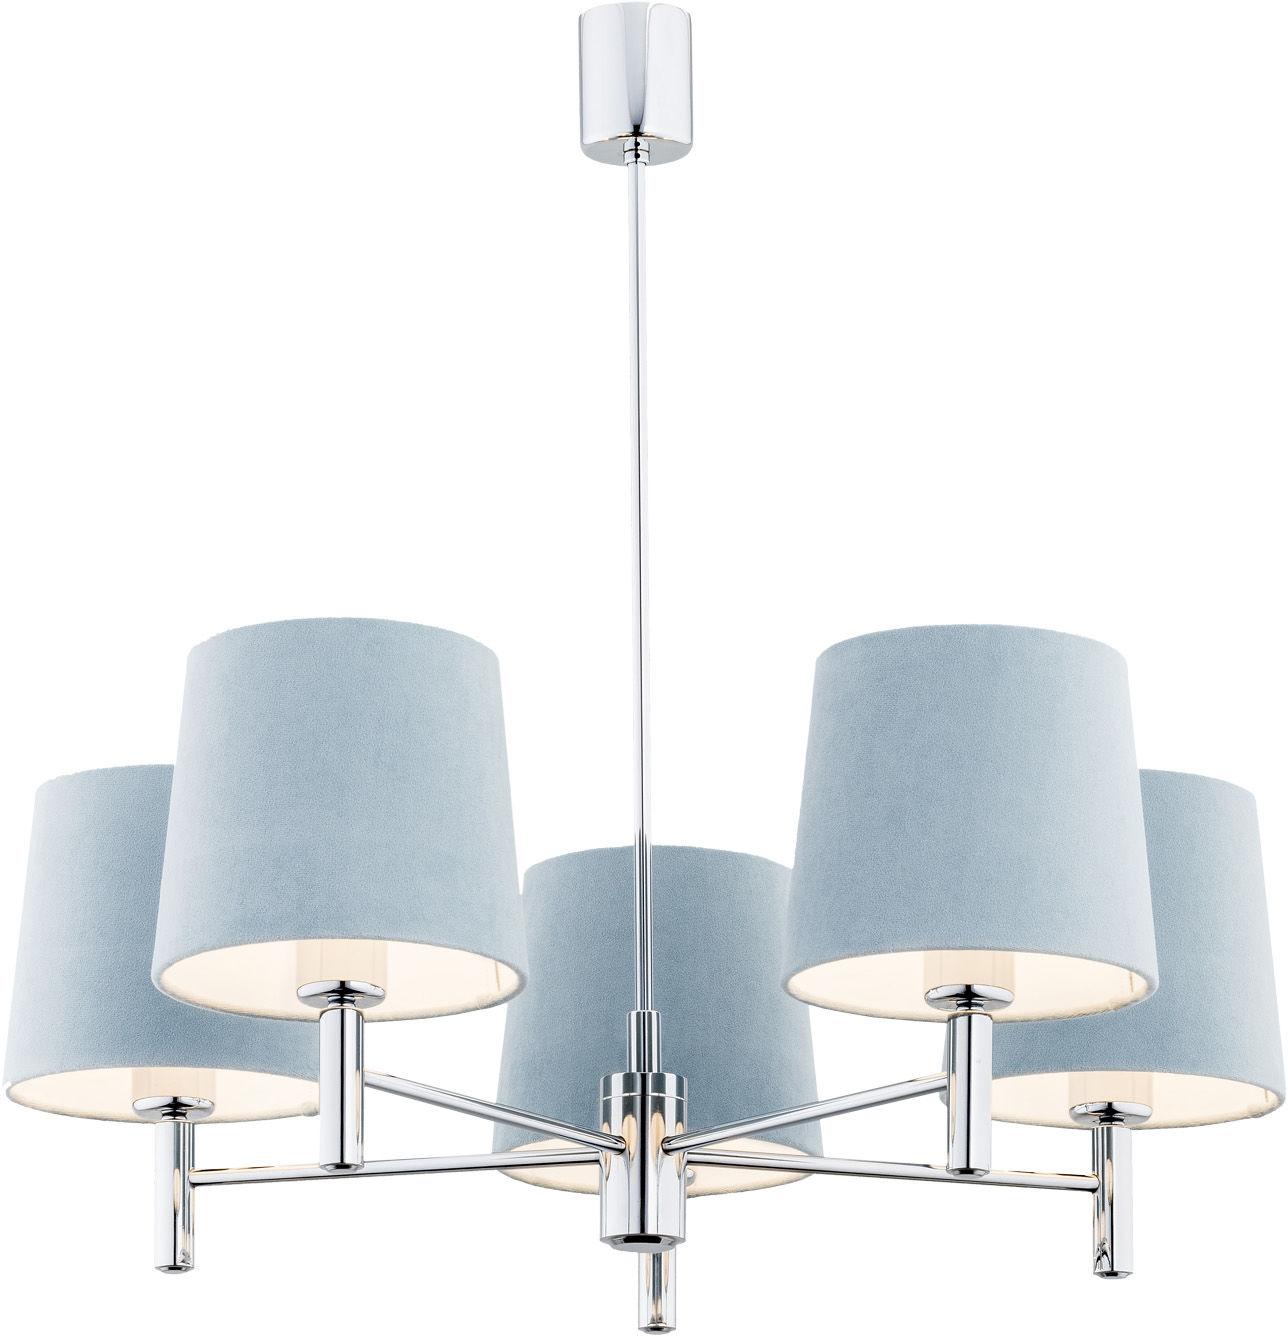 Żyrandol lampa BOLZANO błękitny 2076 - ArgonX  SPRAWDŹ RABATY  5-10-15-20 % w koszyku